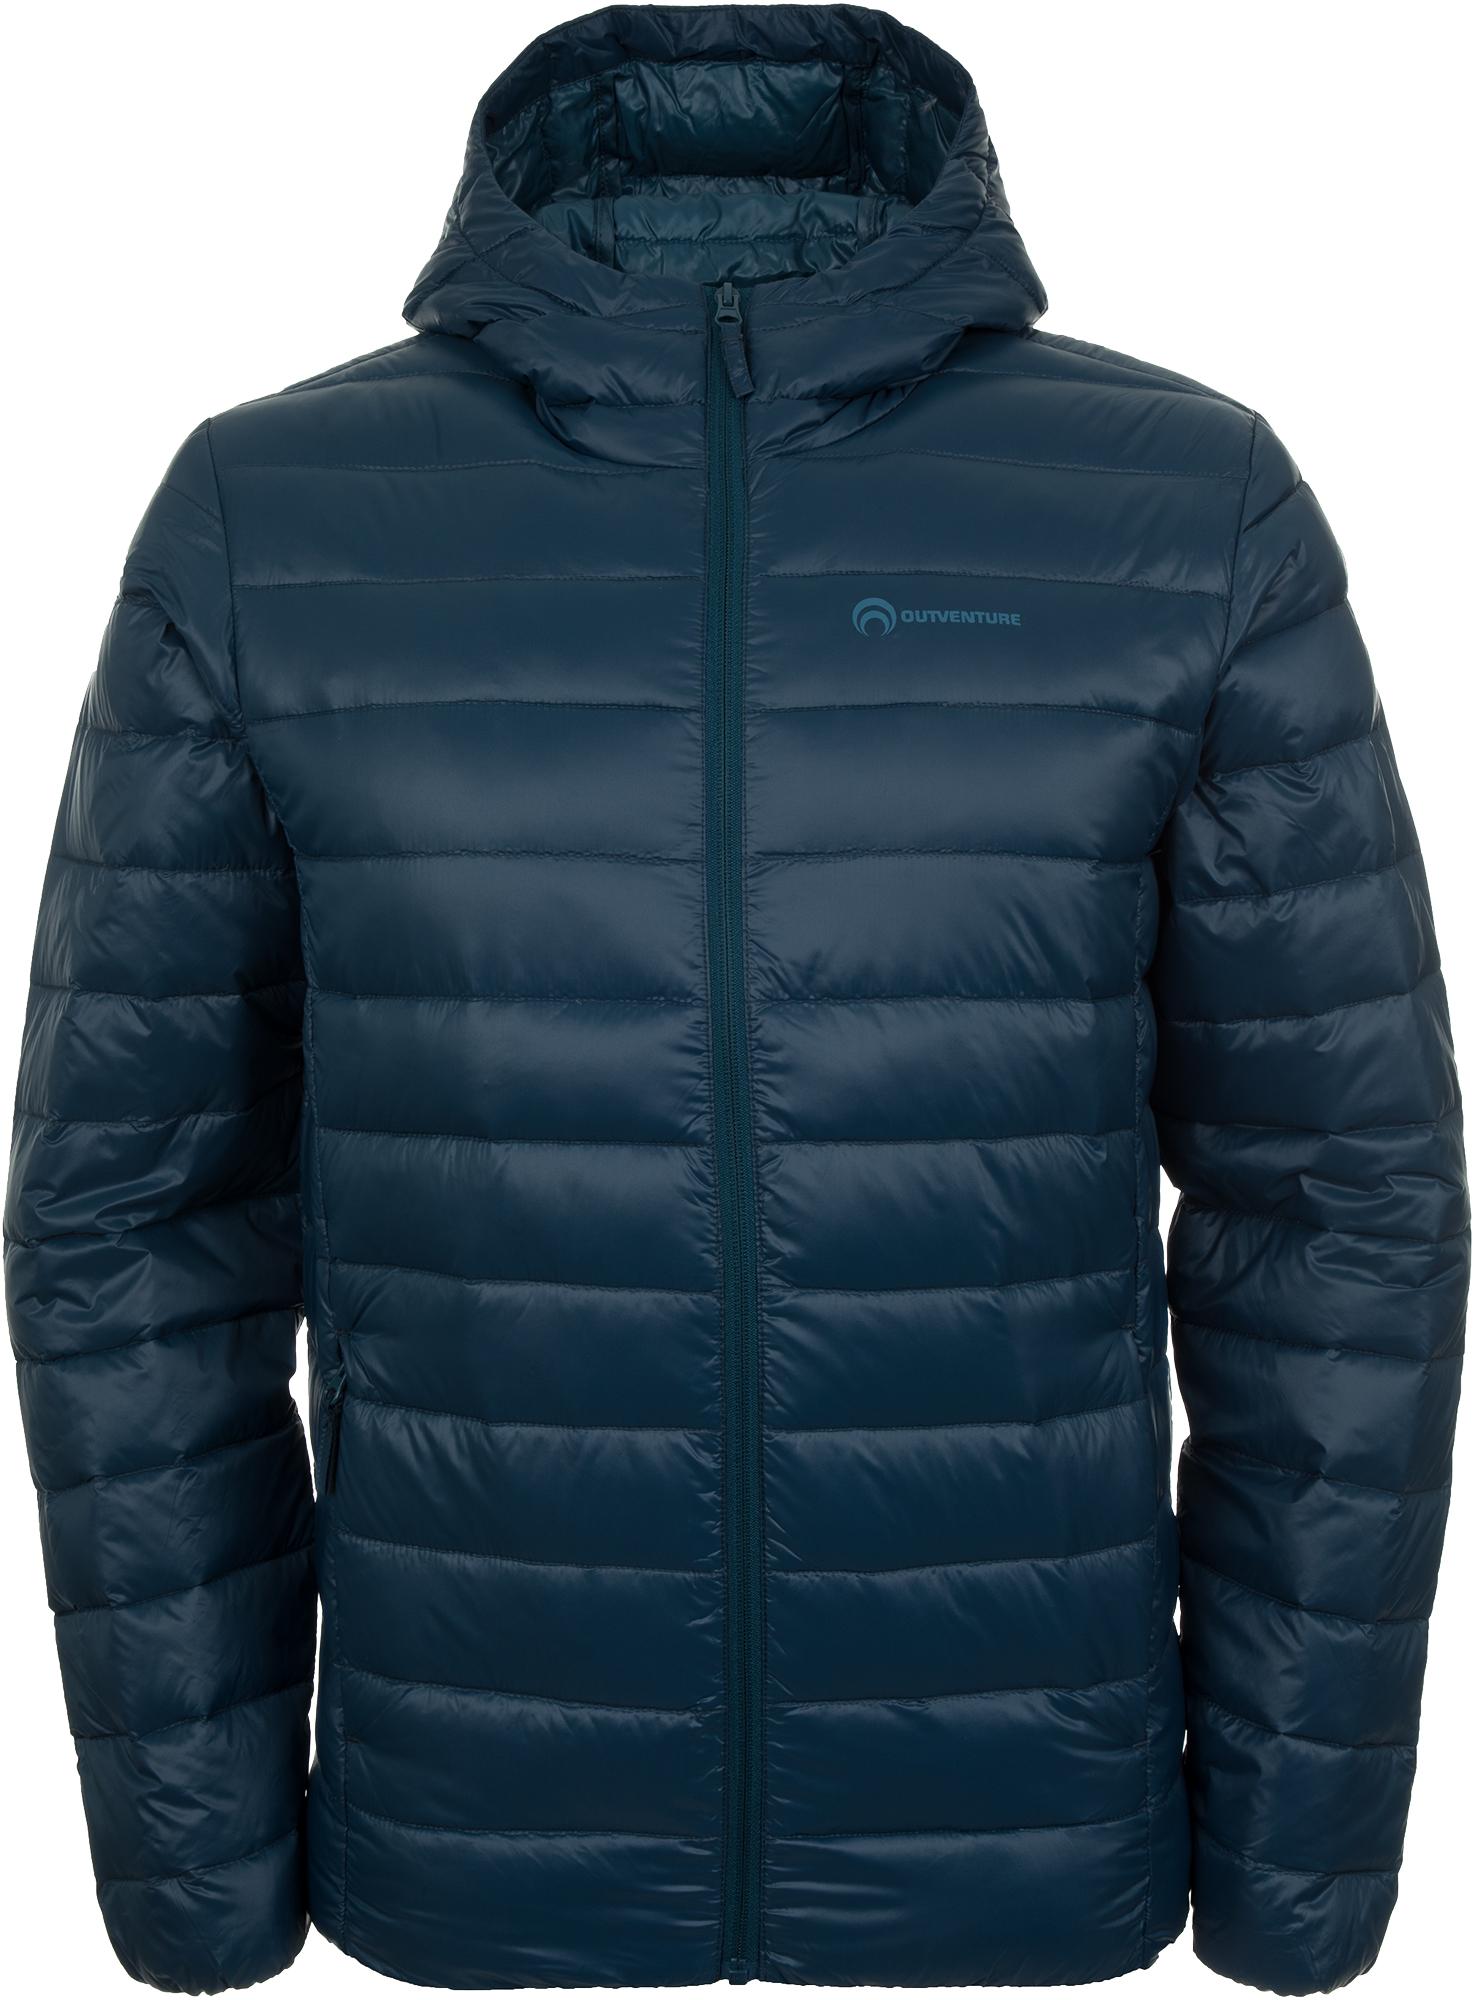 Outventure Куртка пуховая мужская Outventure, размер 52